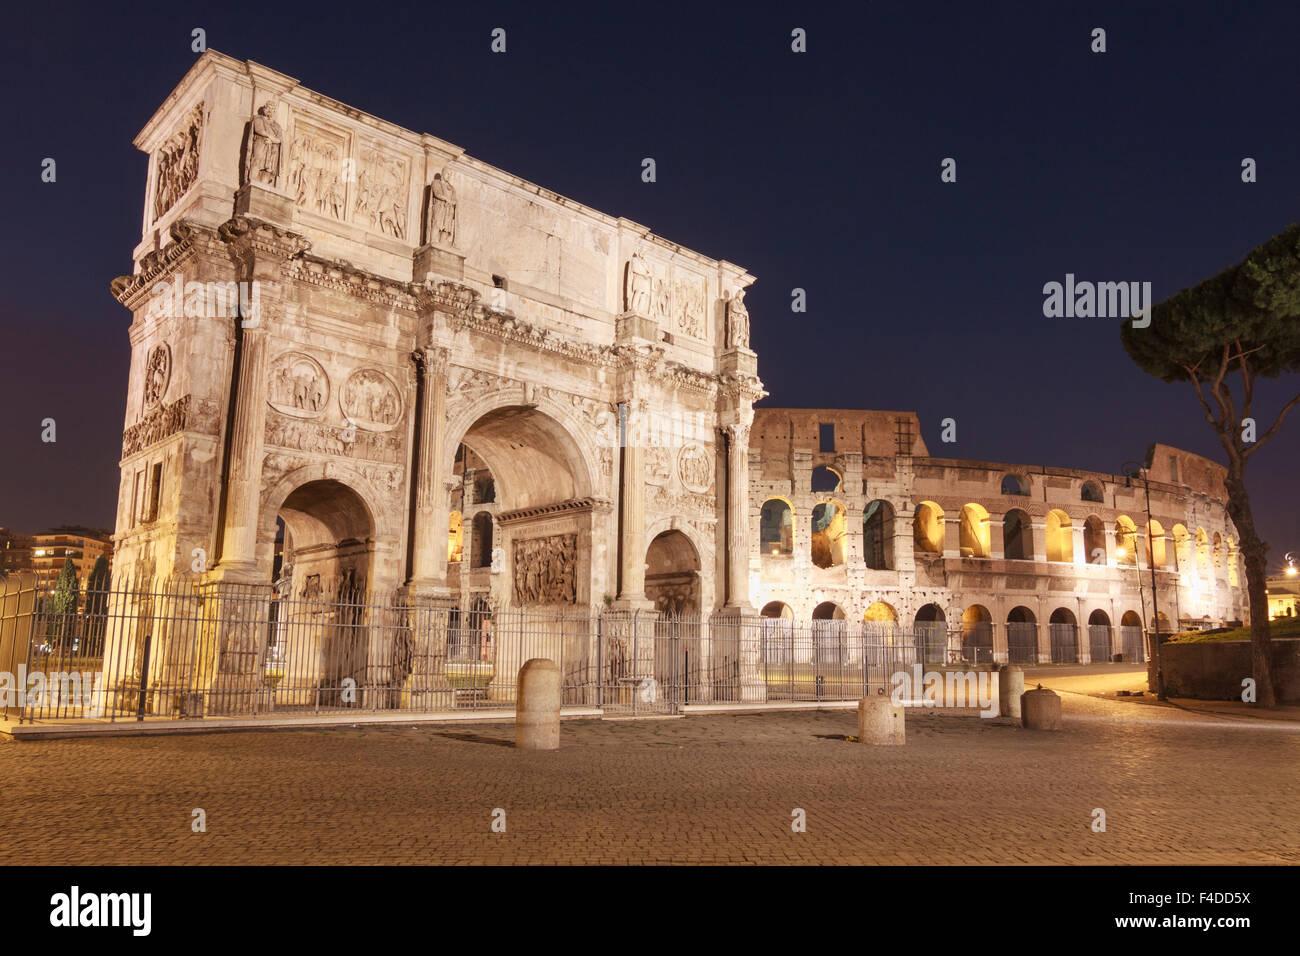 Bogen von Constantine und das Kolosseum, die nachts beleuchtet. Rom, Italien Stockbild